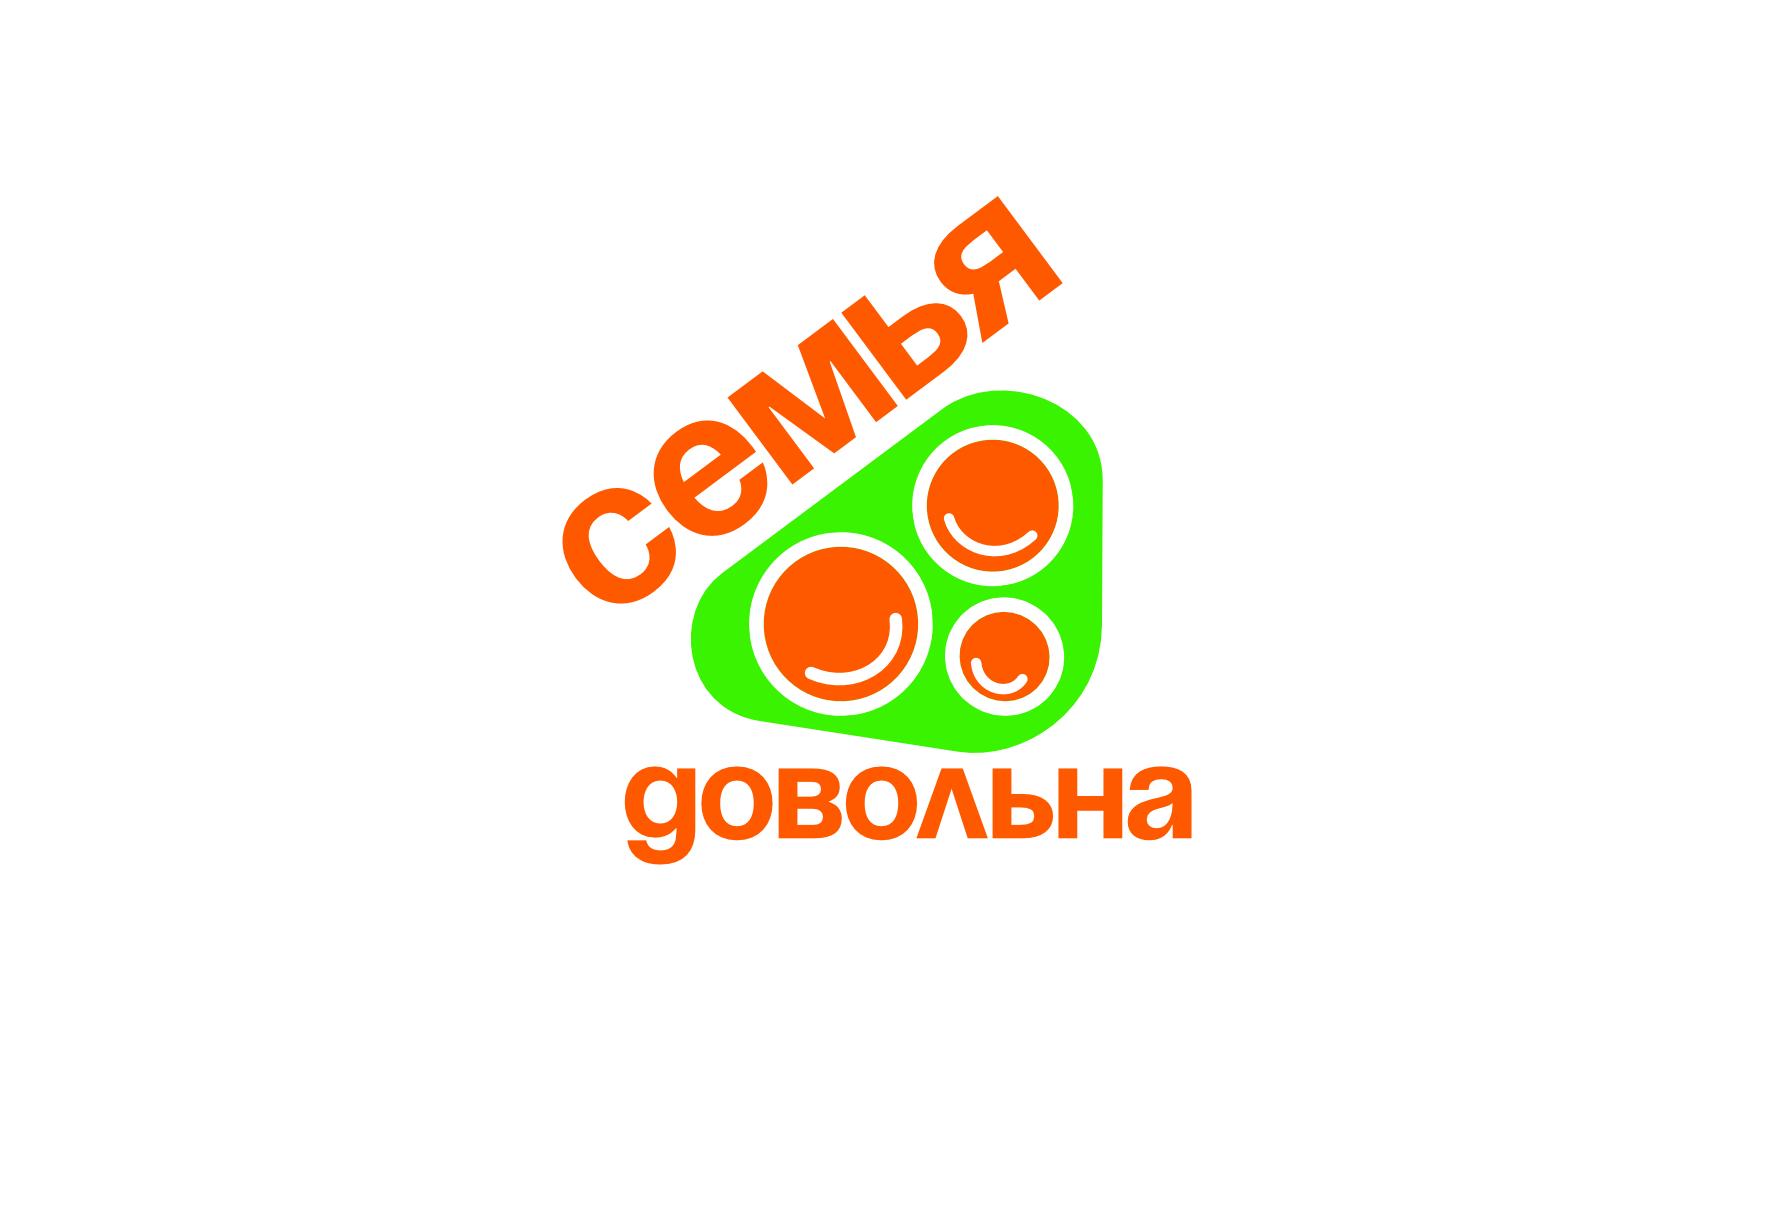 """Разработайте логотип для торговой марки """"Семья довольна"""" фото f_5255b9a8f55ccdba.jpg"""